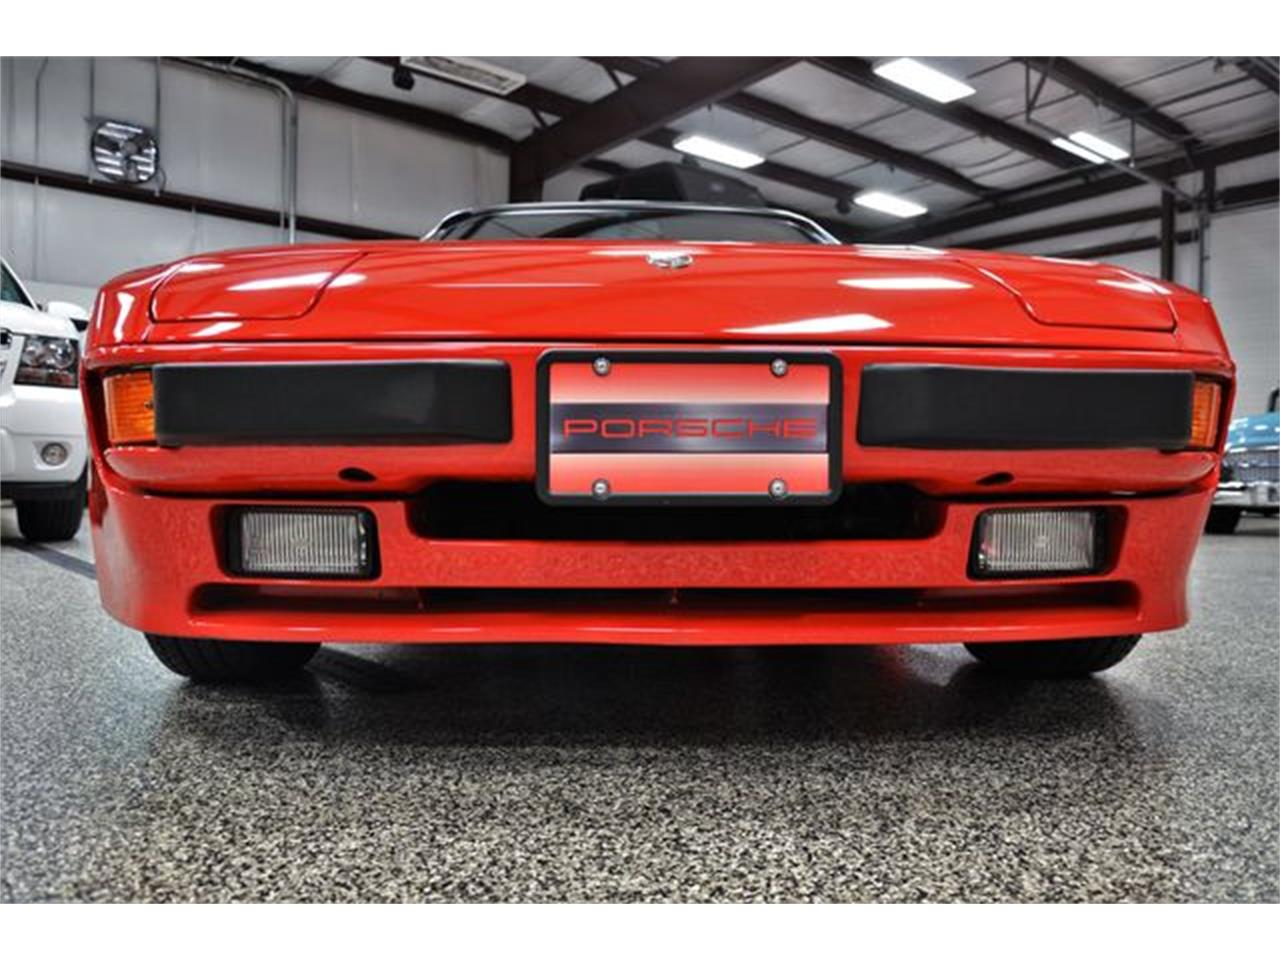 1985 Porsche 944 (CC-1159789) for sale in Plainfield, Illinois